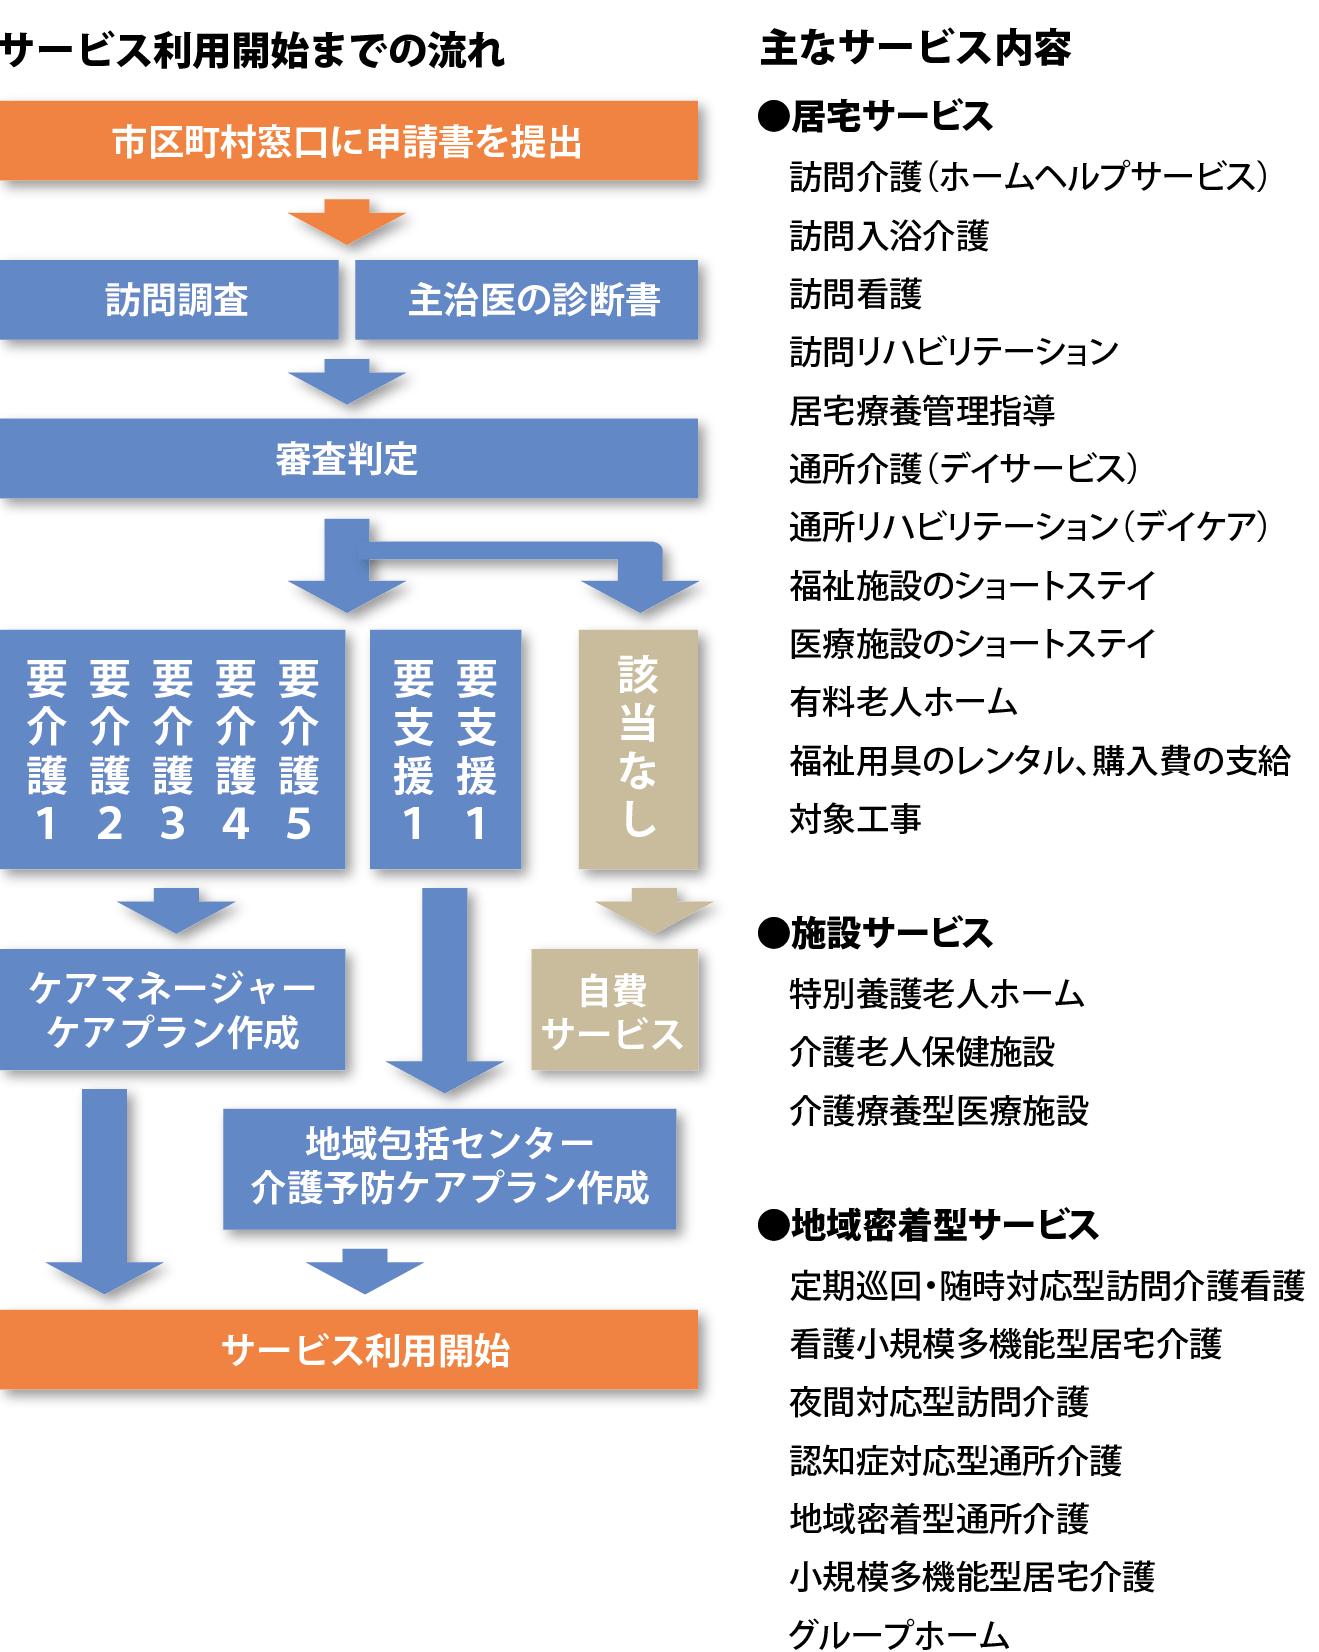 介護保険制度のサービス内容と利用開始までの流れの説明図